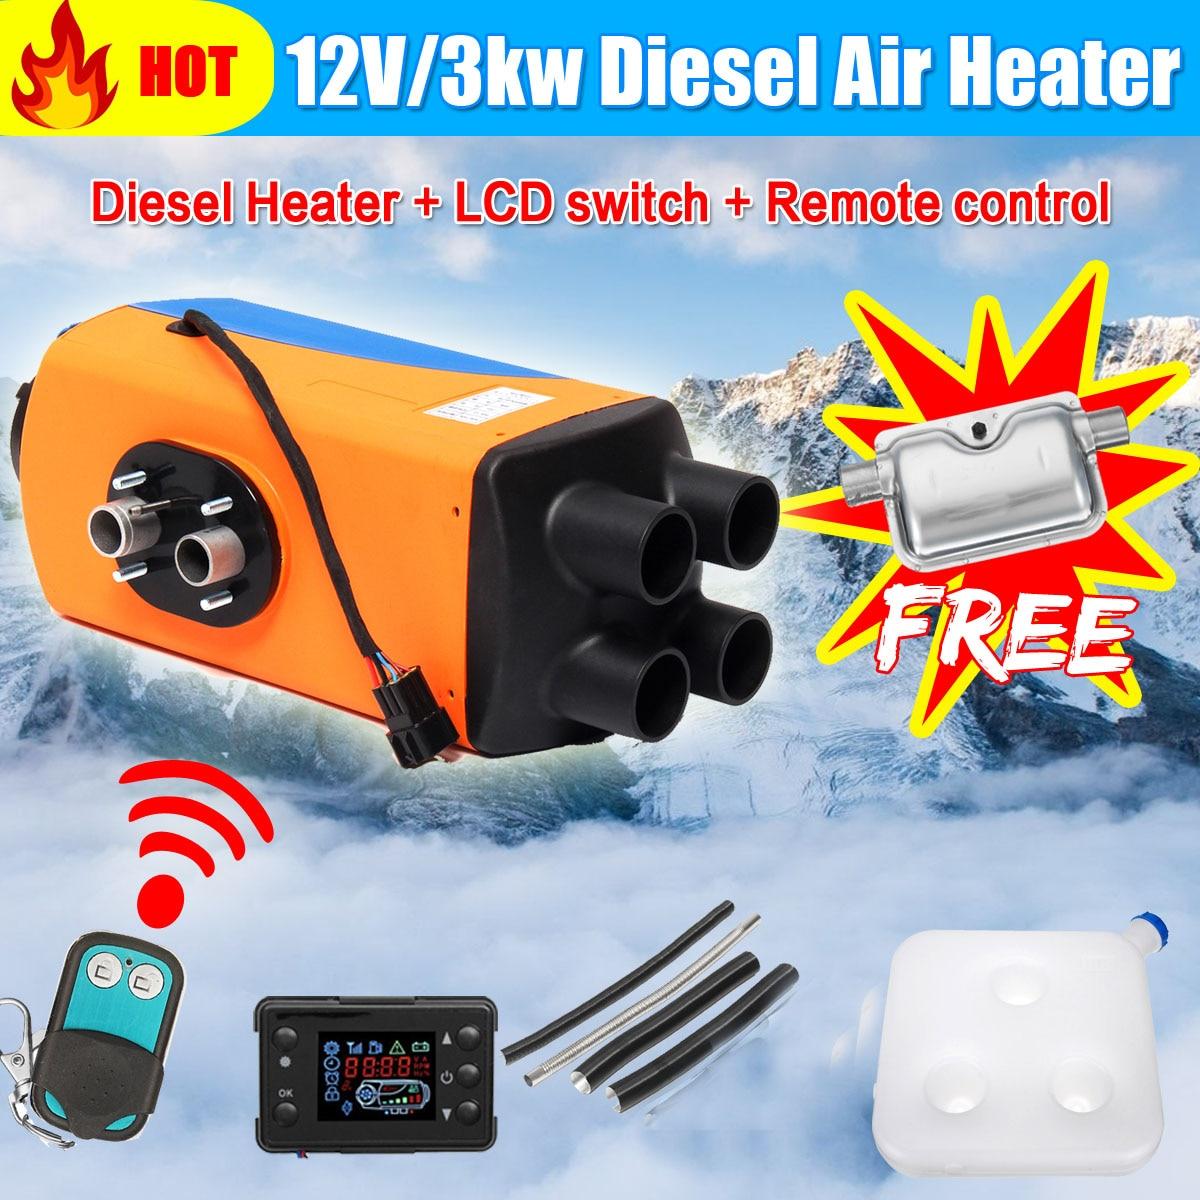 KROAK 12 V radiateur de voiture 3KW Air Diesels Chauffe-chauffage de stationnement Avec ÉCRAN LCD télécommande + Silencieux pour la voiture Chauffage Accessoires